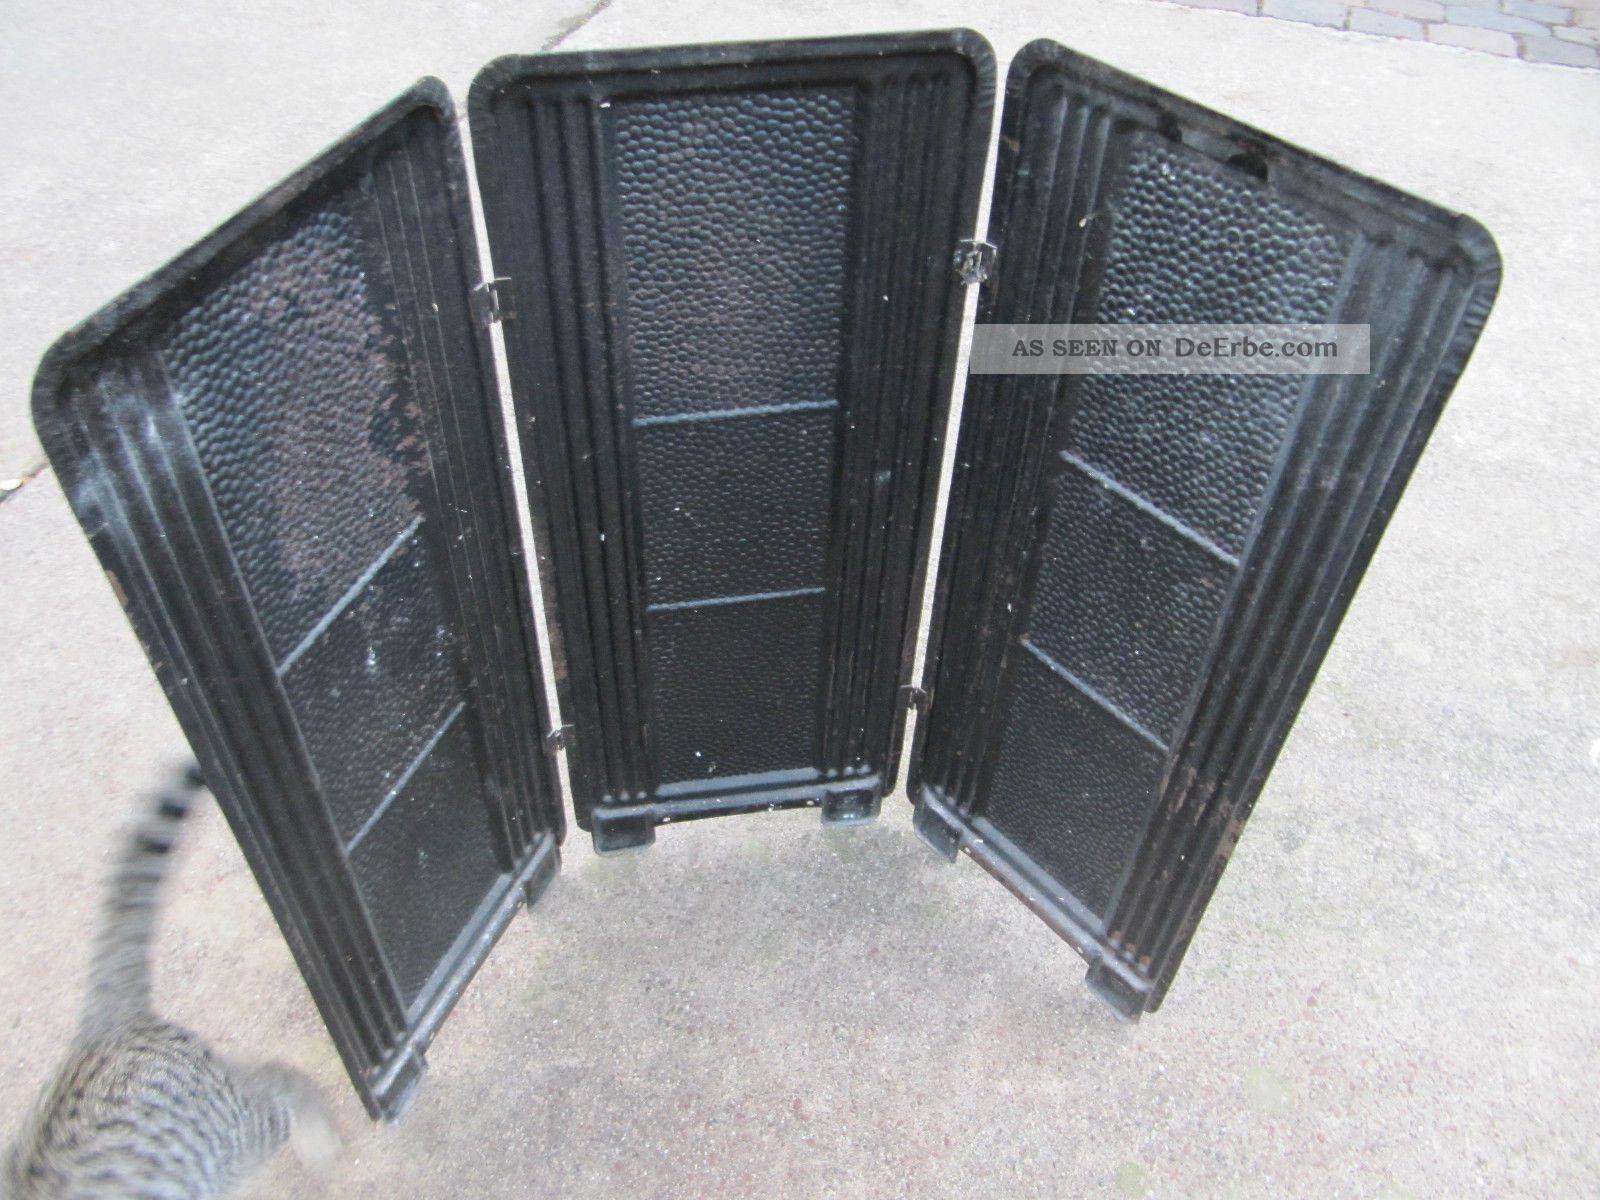 ofenschirm klimaanlage und heizung zu hause. Black Bedroom Furniture Sets. Home Design Ideas